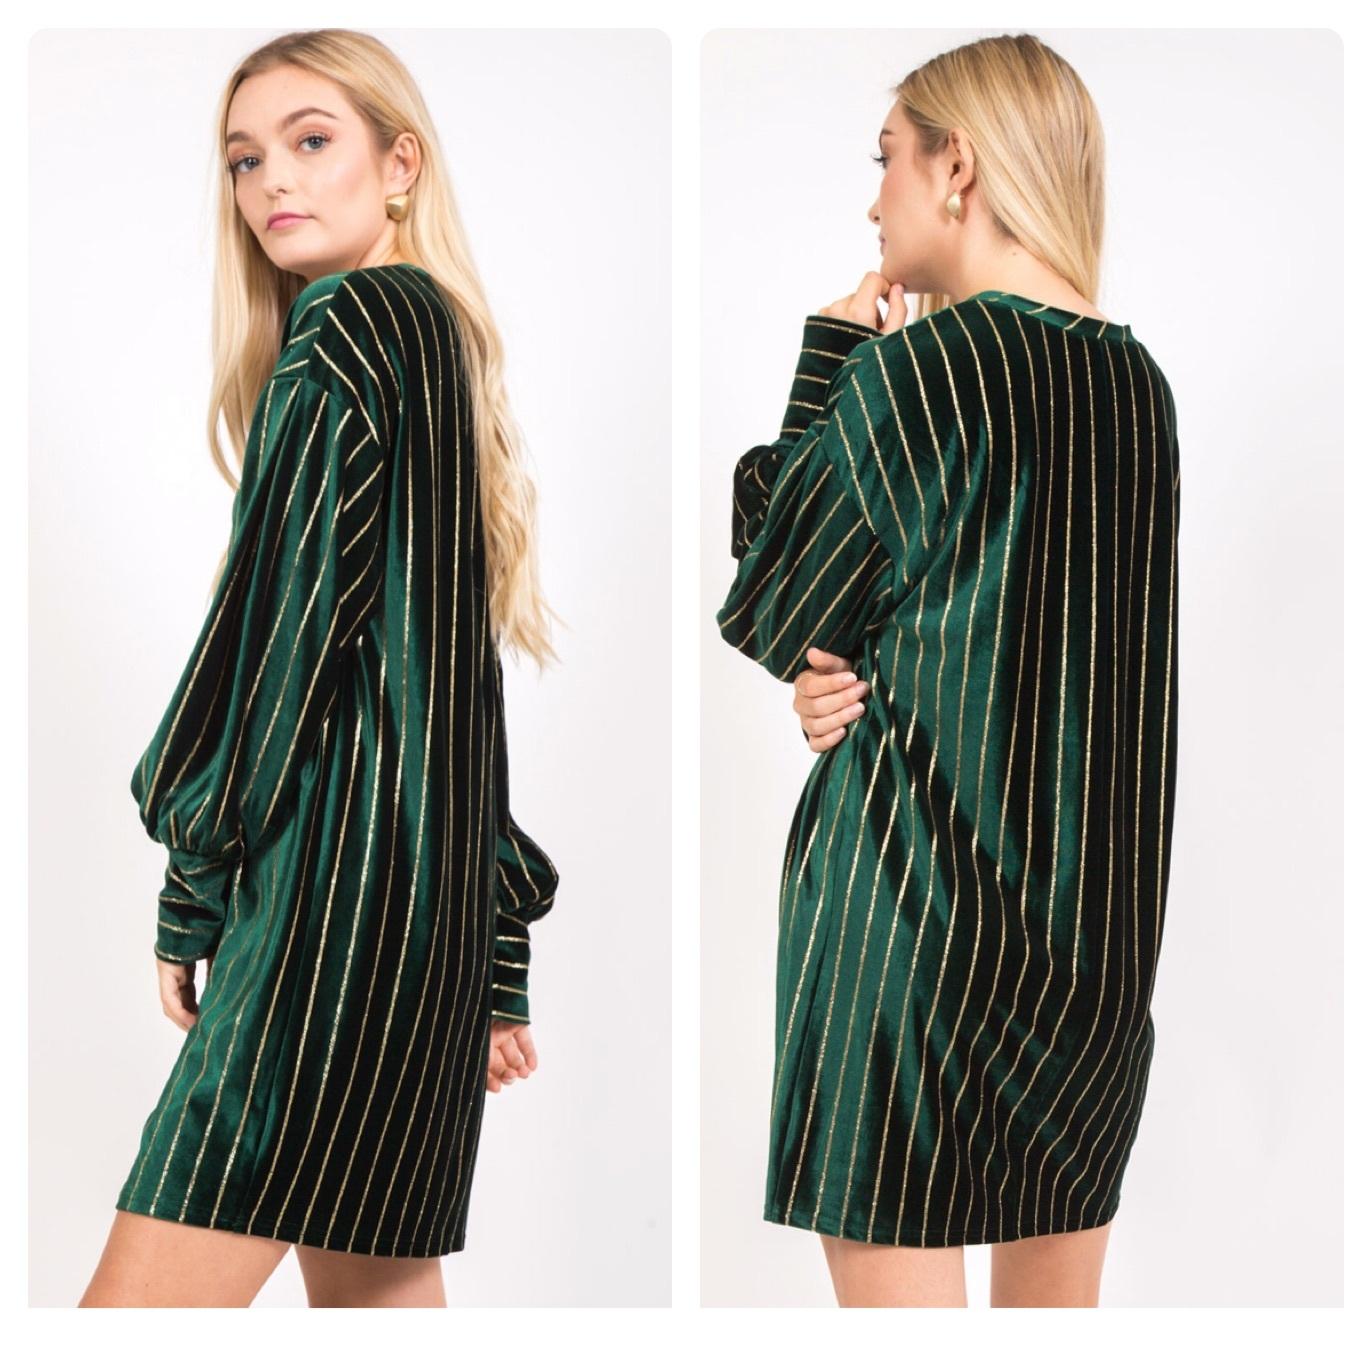 VELVET GREEN DRESS  $46